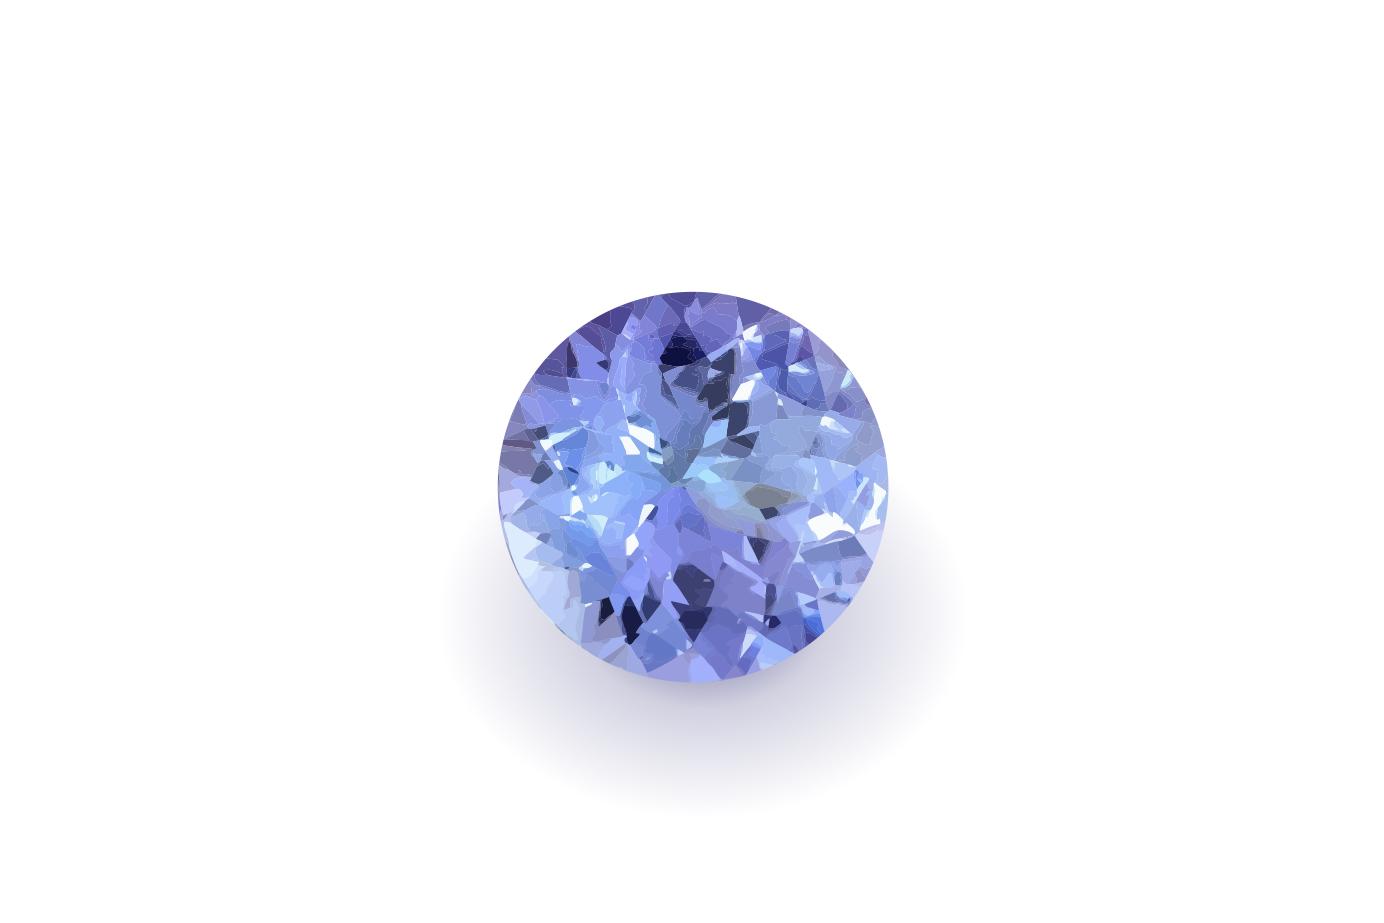 見る角度や光によって結晶の色が変化する12月の誕生石タンザナイト